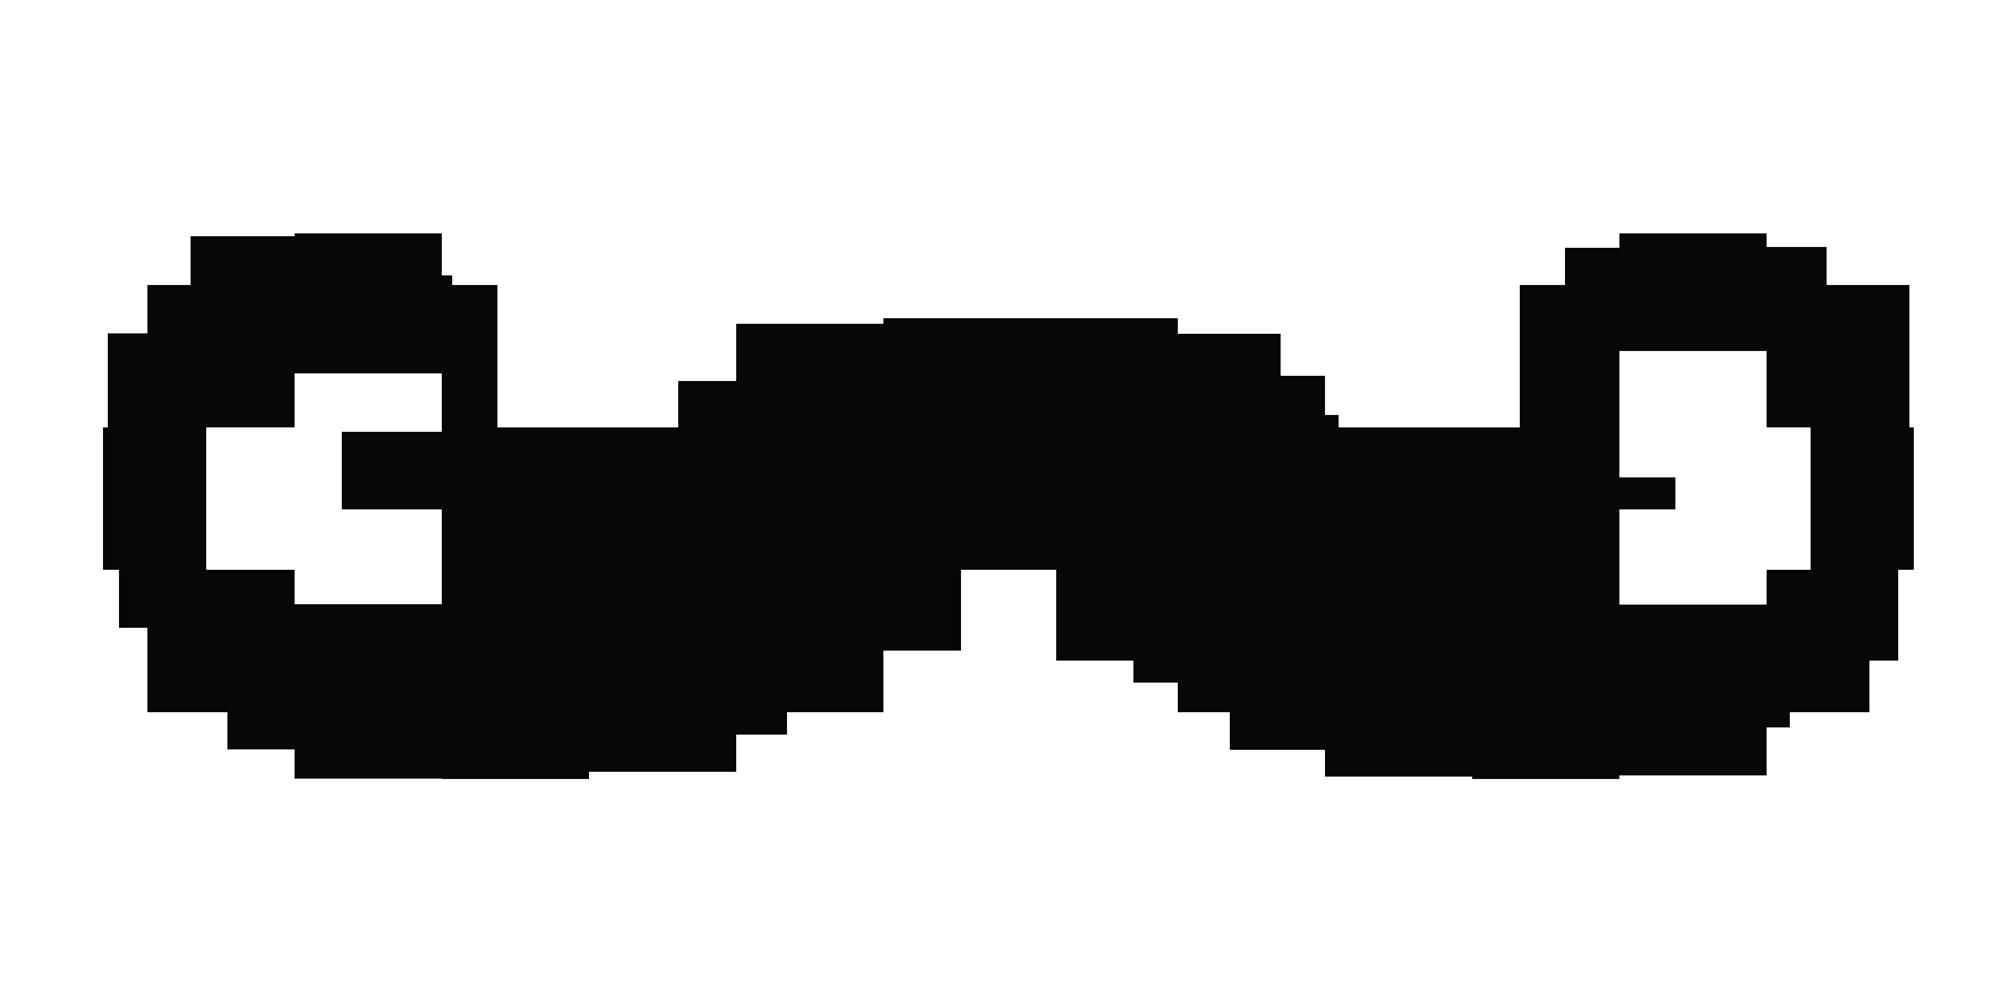 Cop clipart mustache, Cop mustache Transparent FREE for.